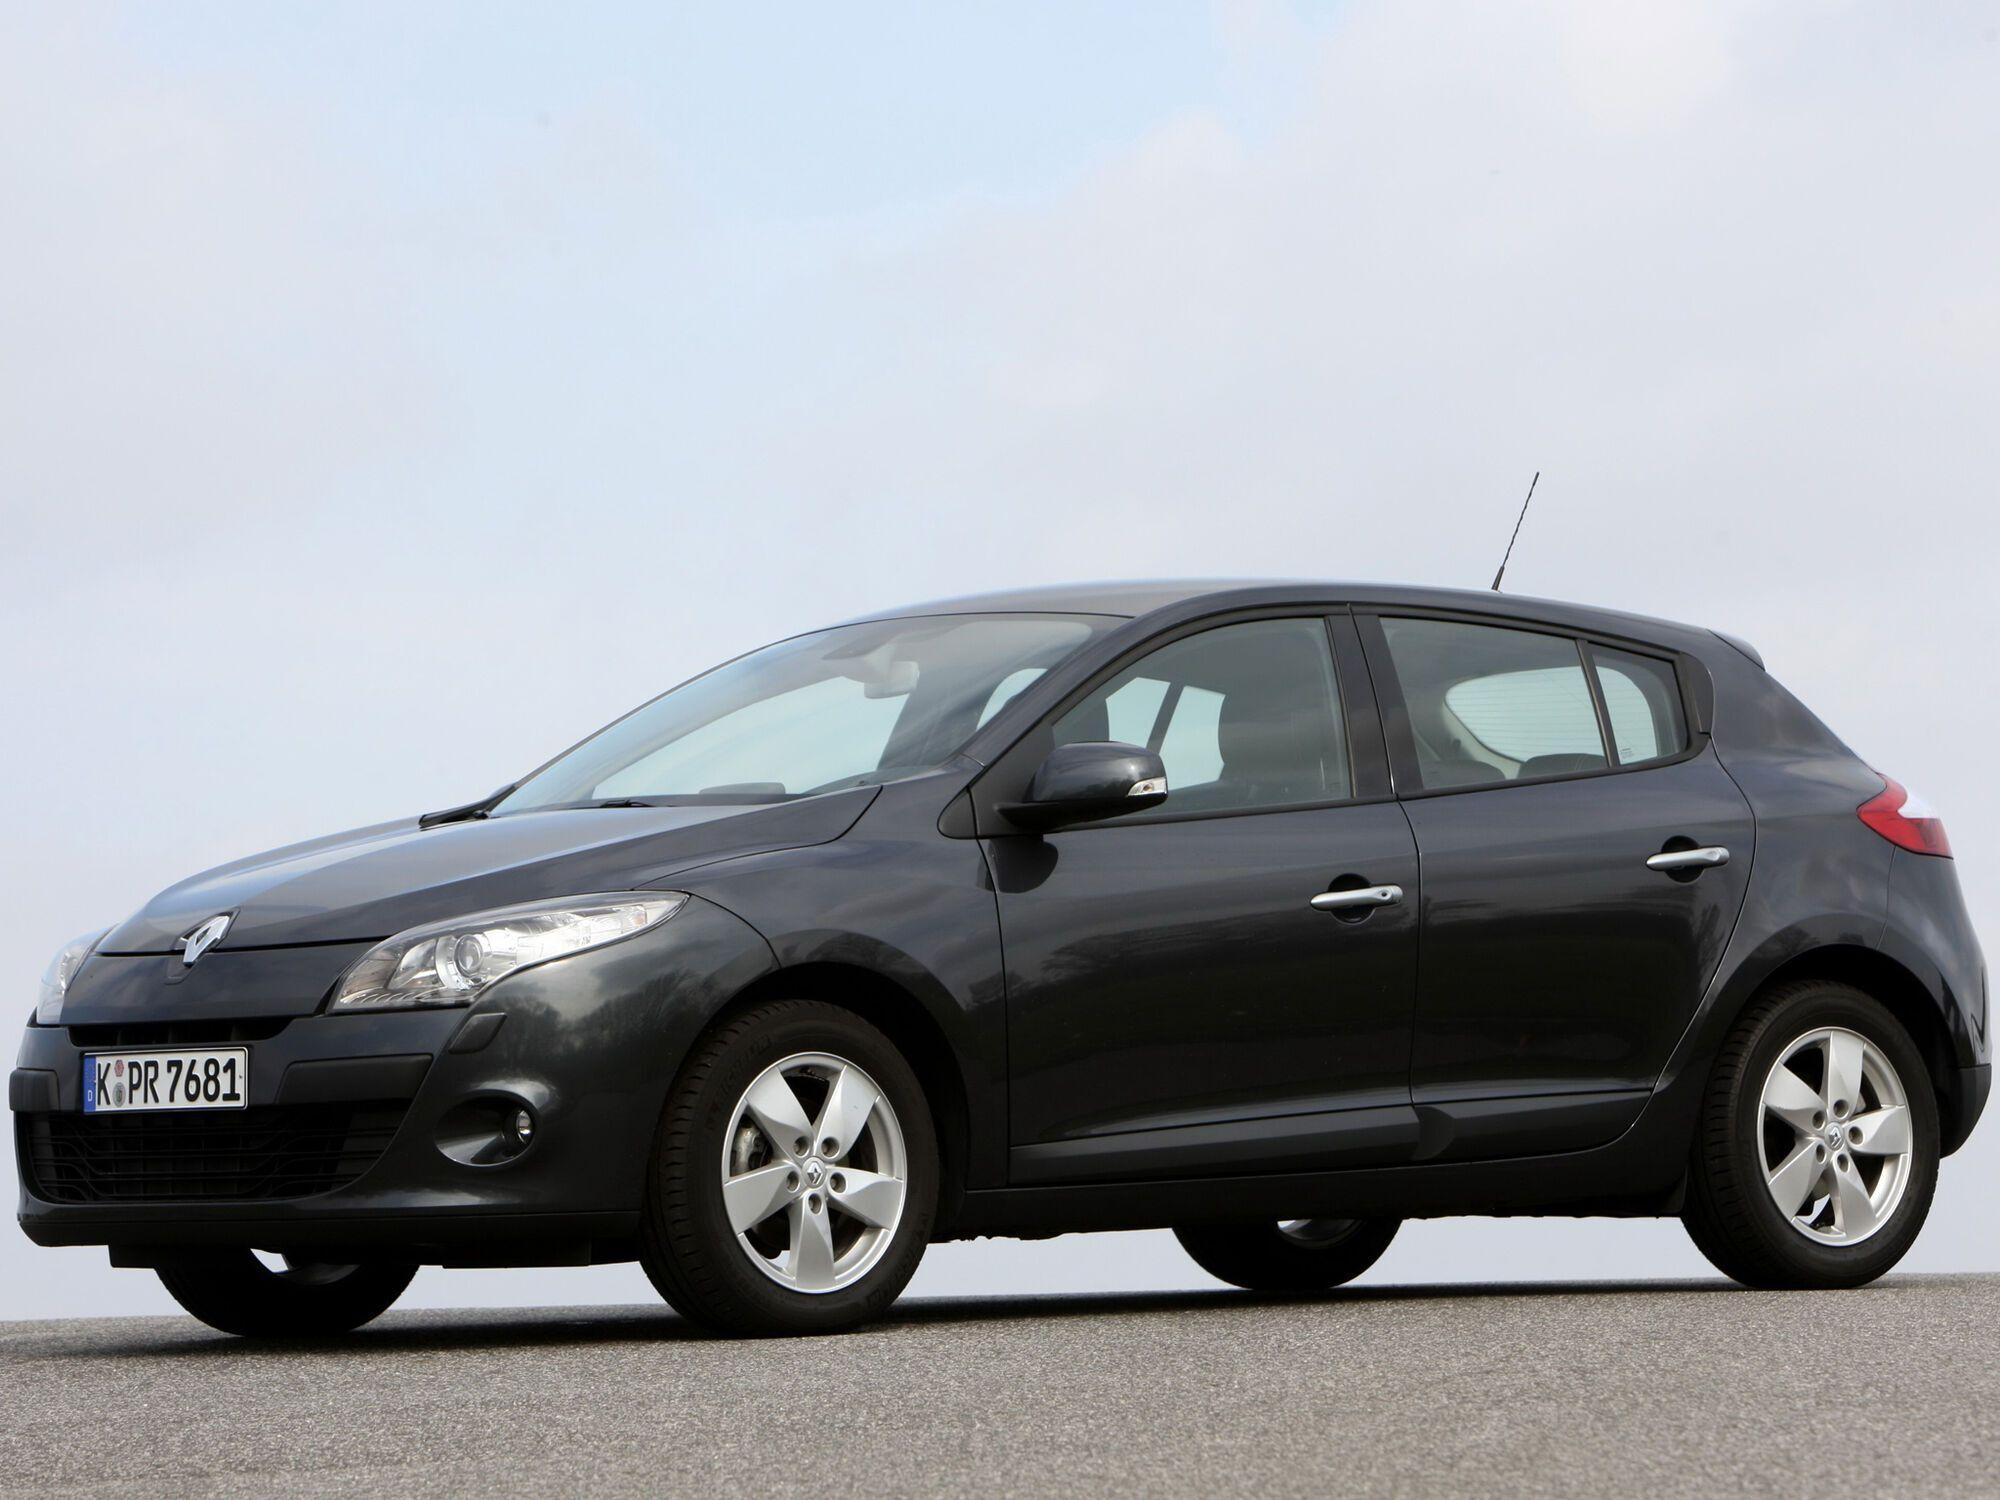 Renault Megane залишається досить затребуваним завдяки комфорту та економічності